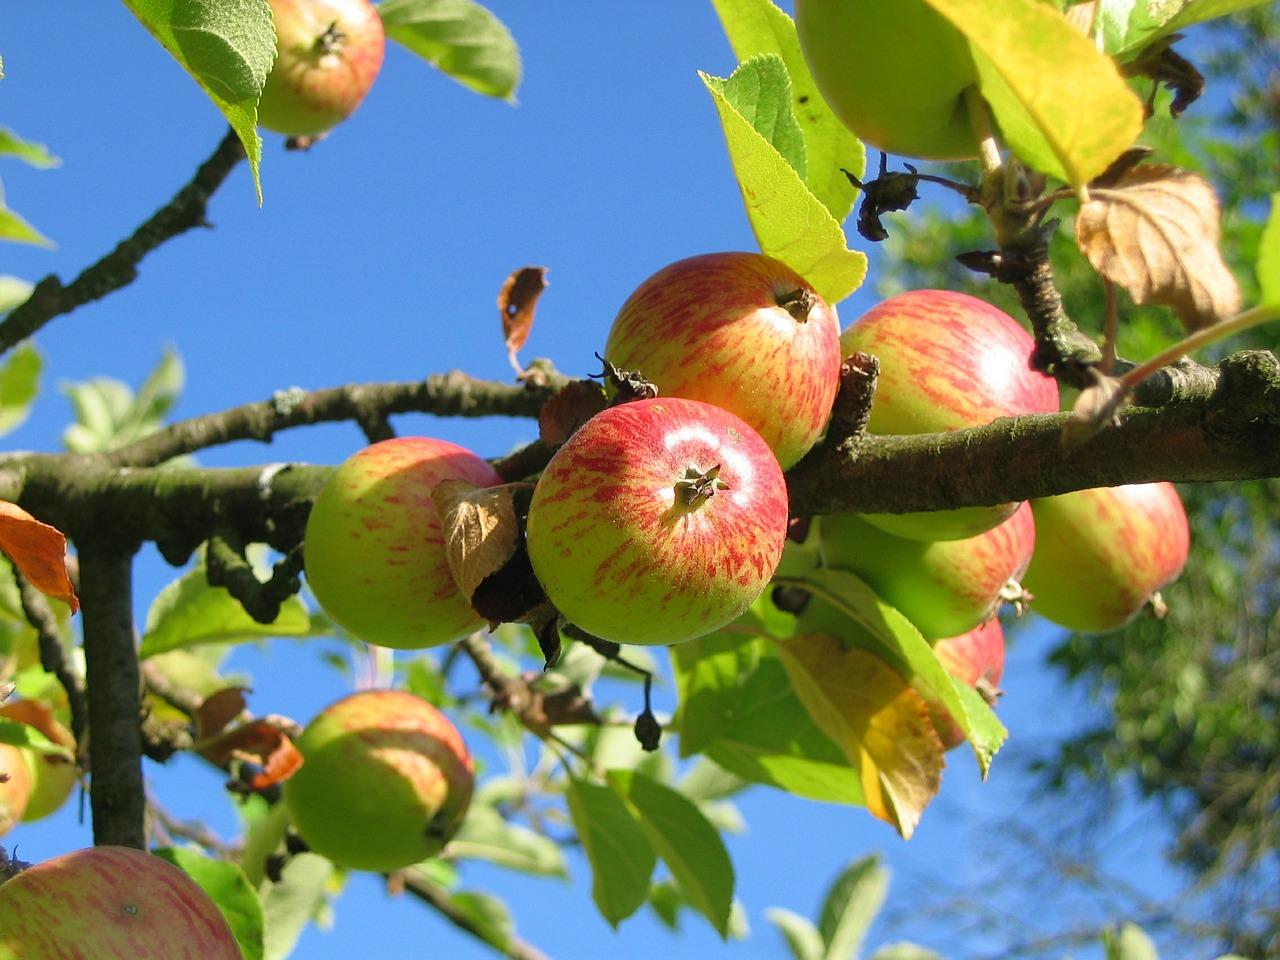 Ast eines Apfelbaums vor blauem Himmel mit grünen Blättern und reifen, roten Äpfeln